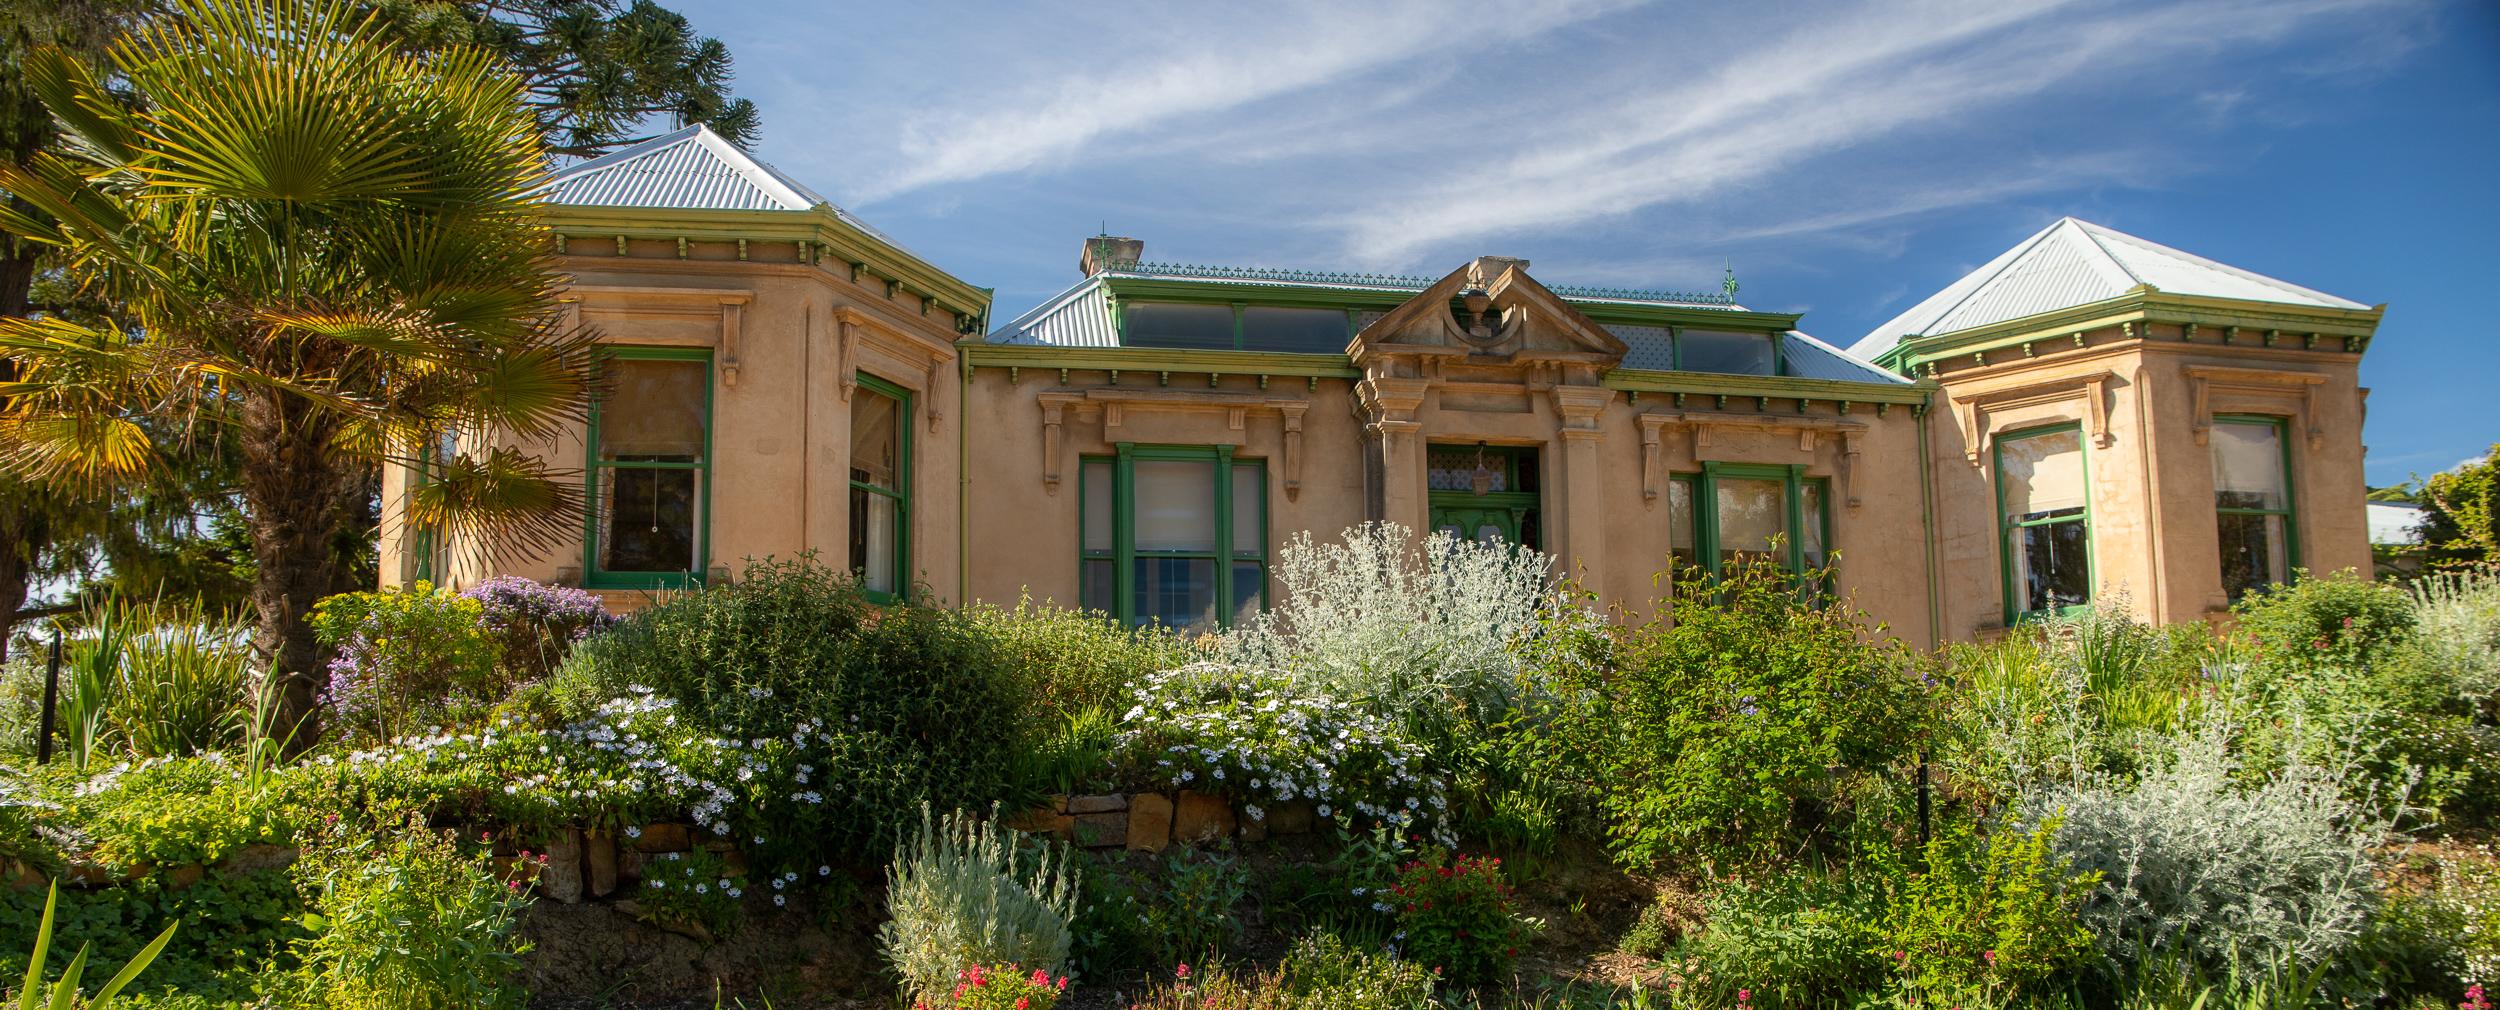 Buda Castlemaine Historic Home Garden